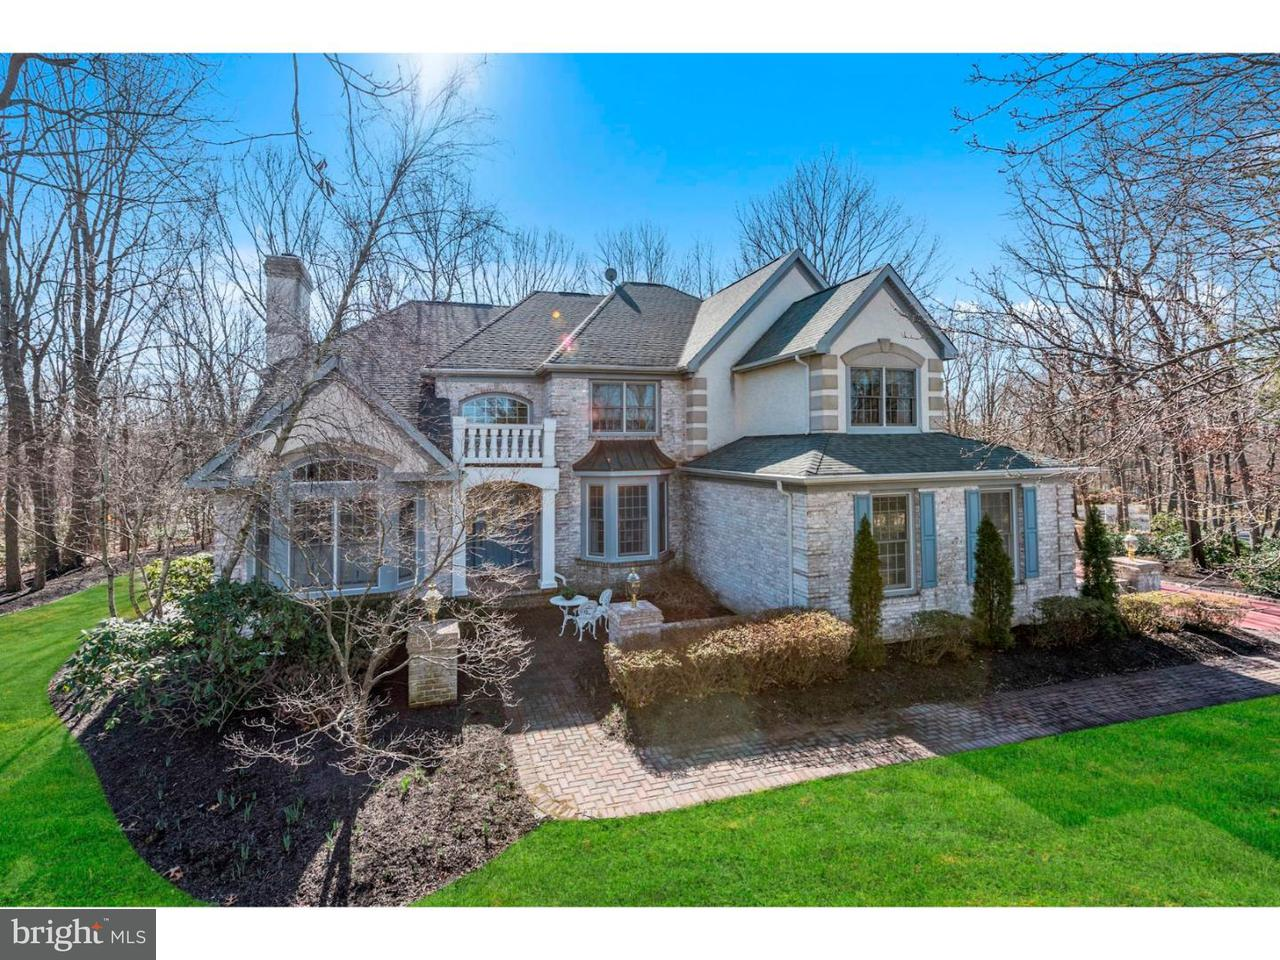 Частный односемейный дом для того Продажа на 200 S UNITED STATES Avenue Gibbsboro, Нью-Джерси 08026 Соединенные Штаты